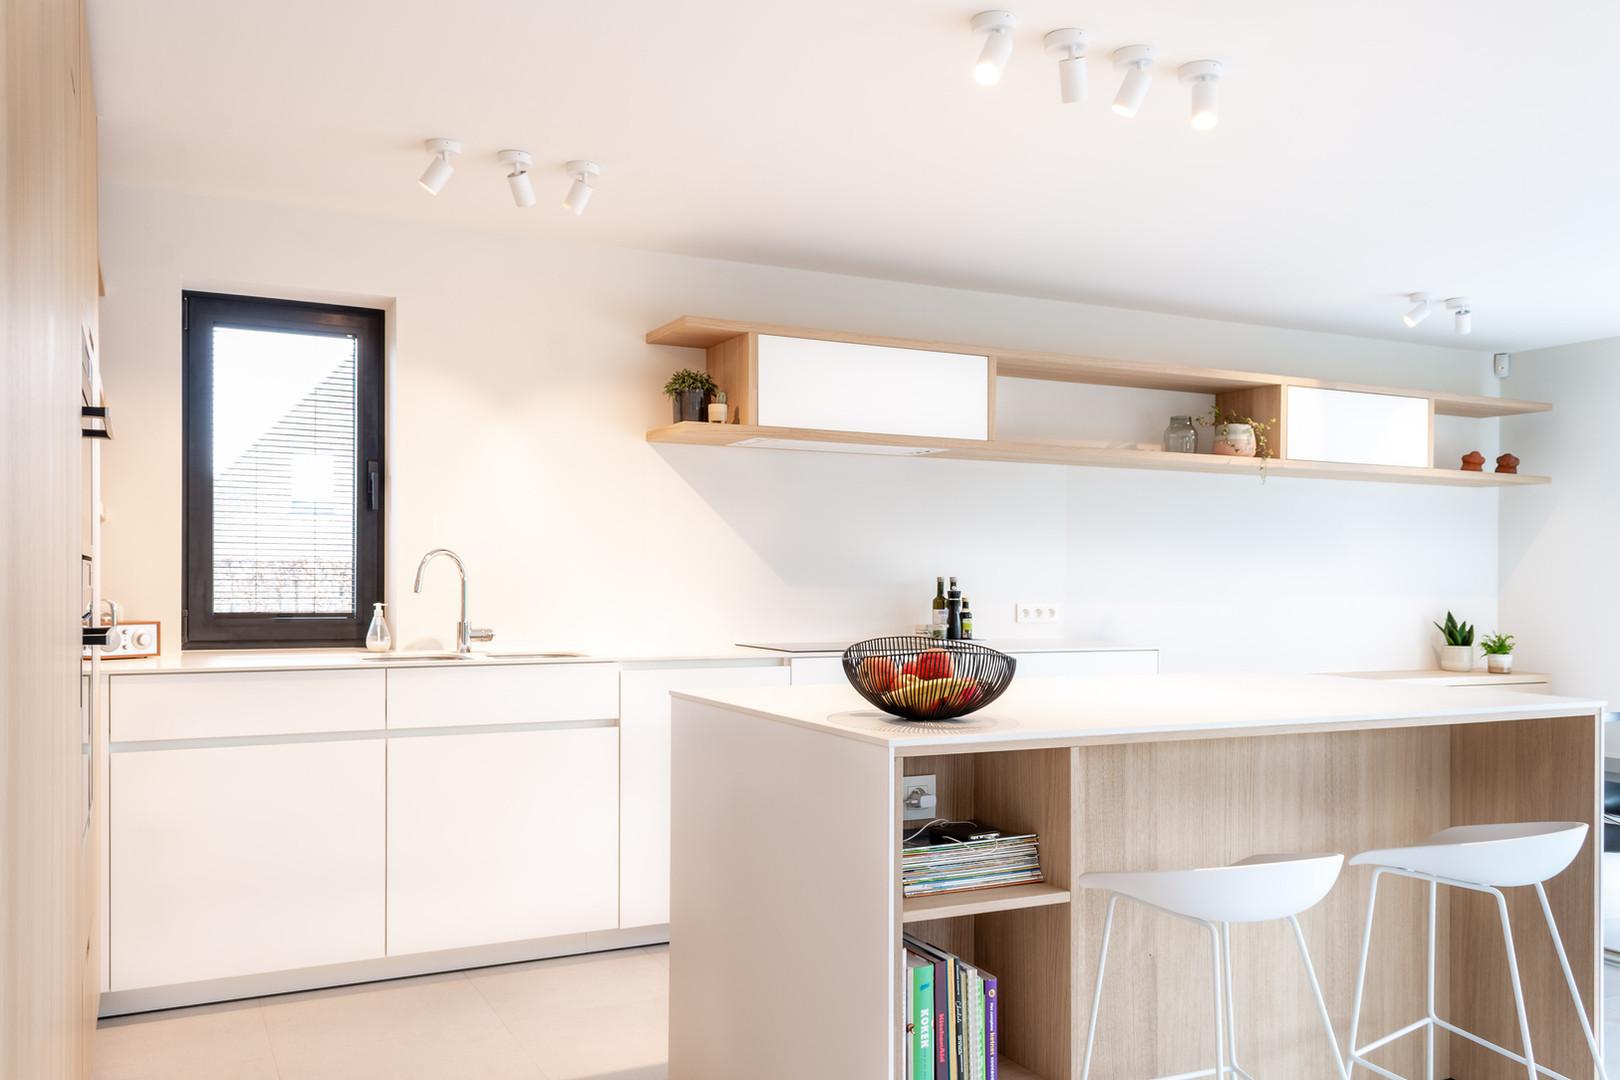 keukeneiland-realisatie-ontwerp.jpg